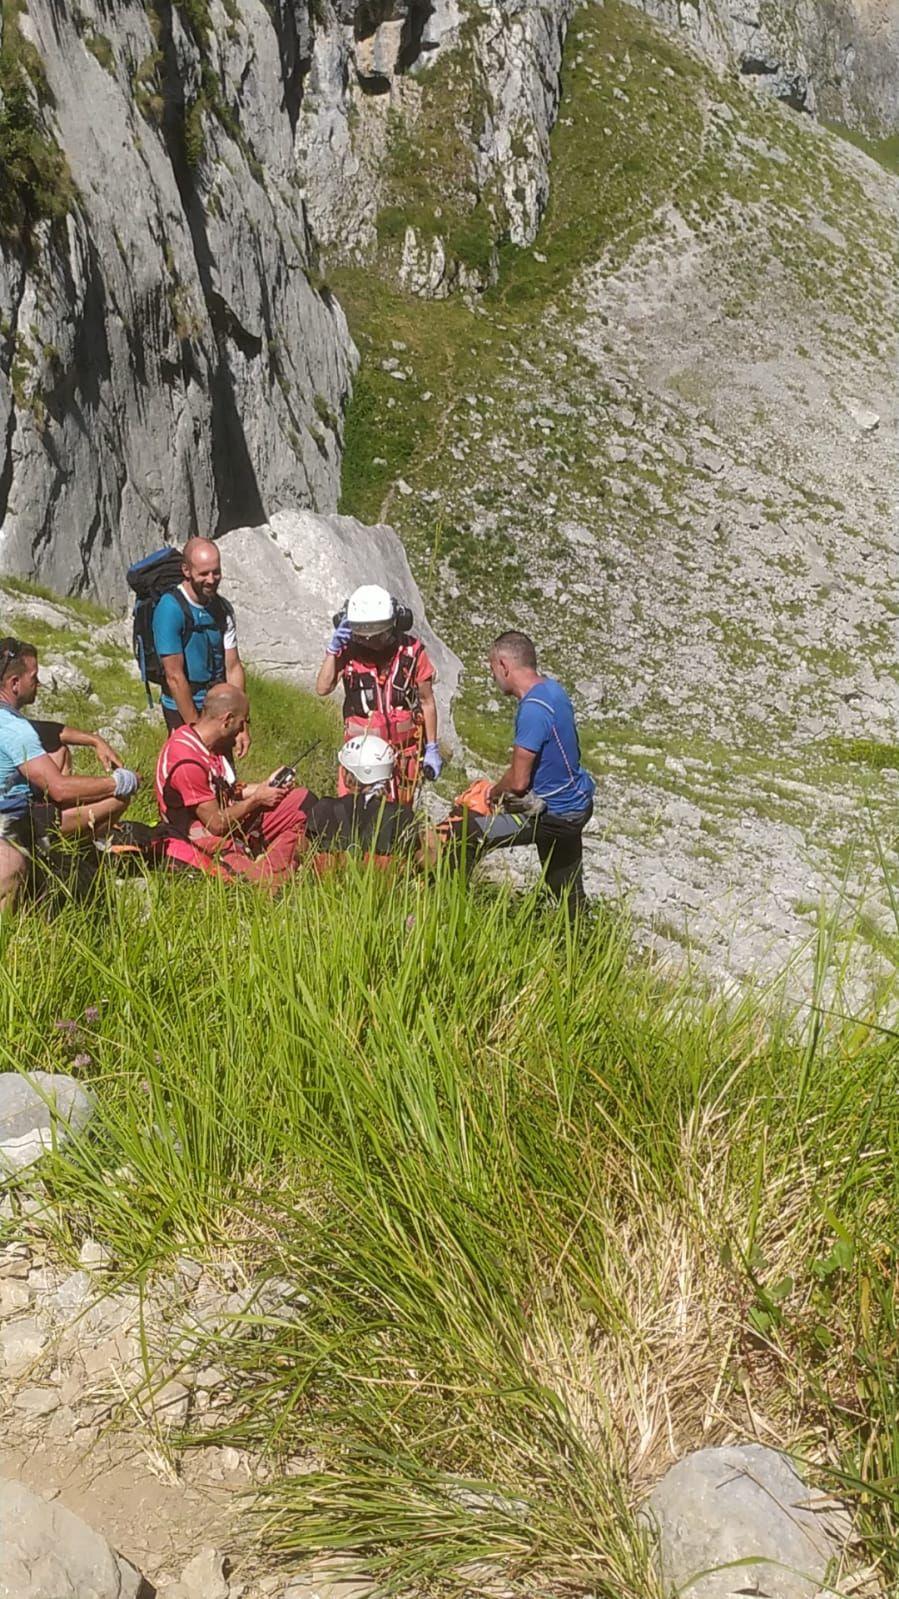 Rescatan en helicóptero a una senderista que se fracturó un tobillo tras sufrir una caída en Cabrales